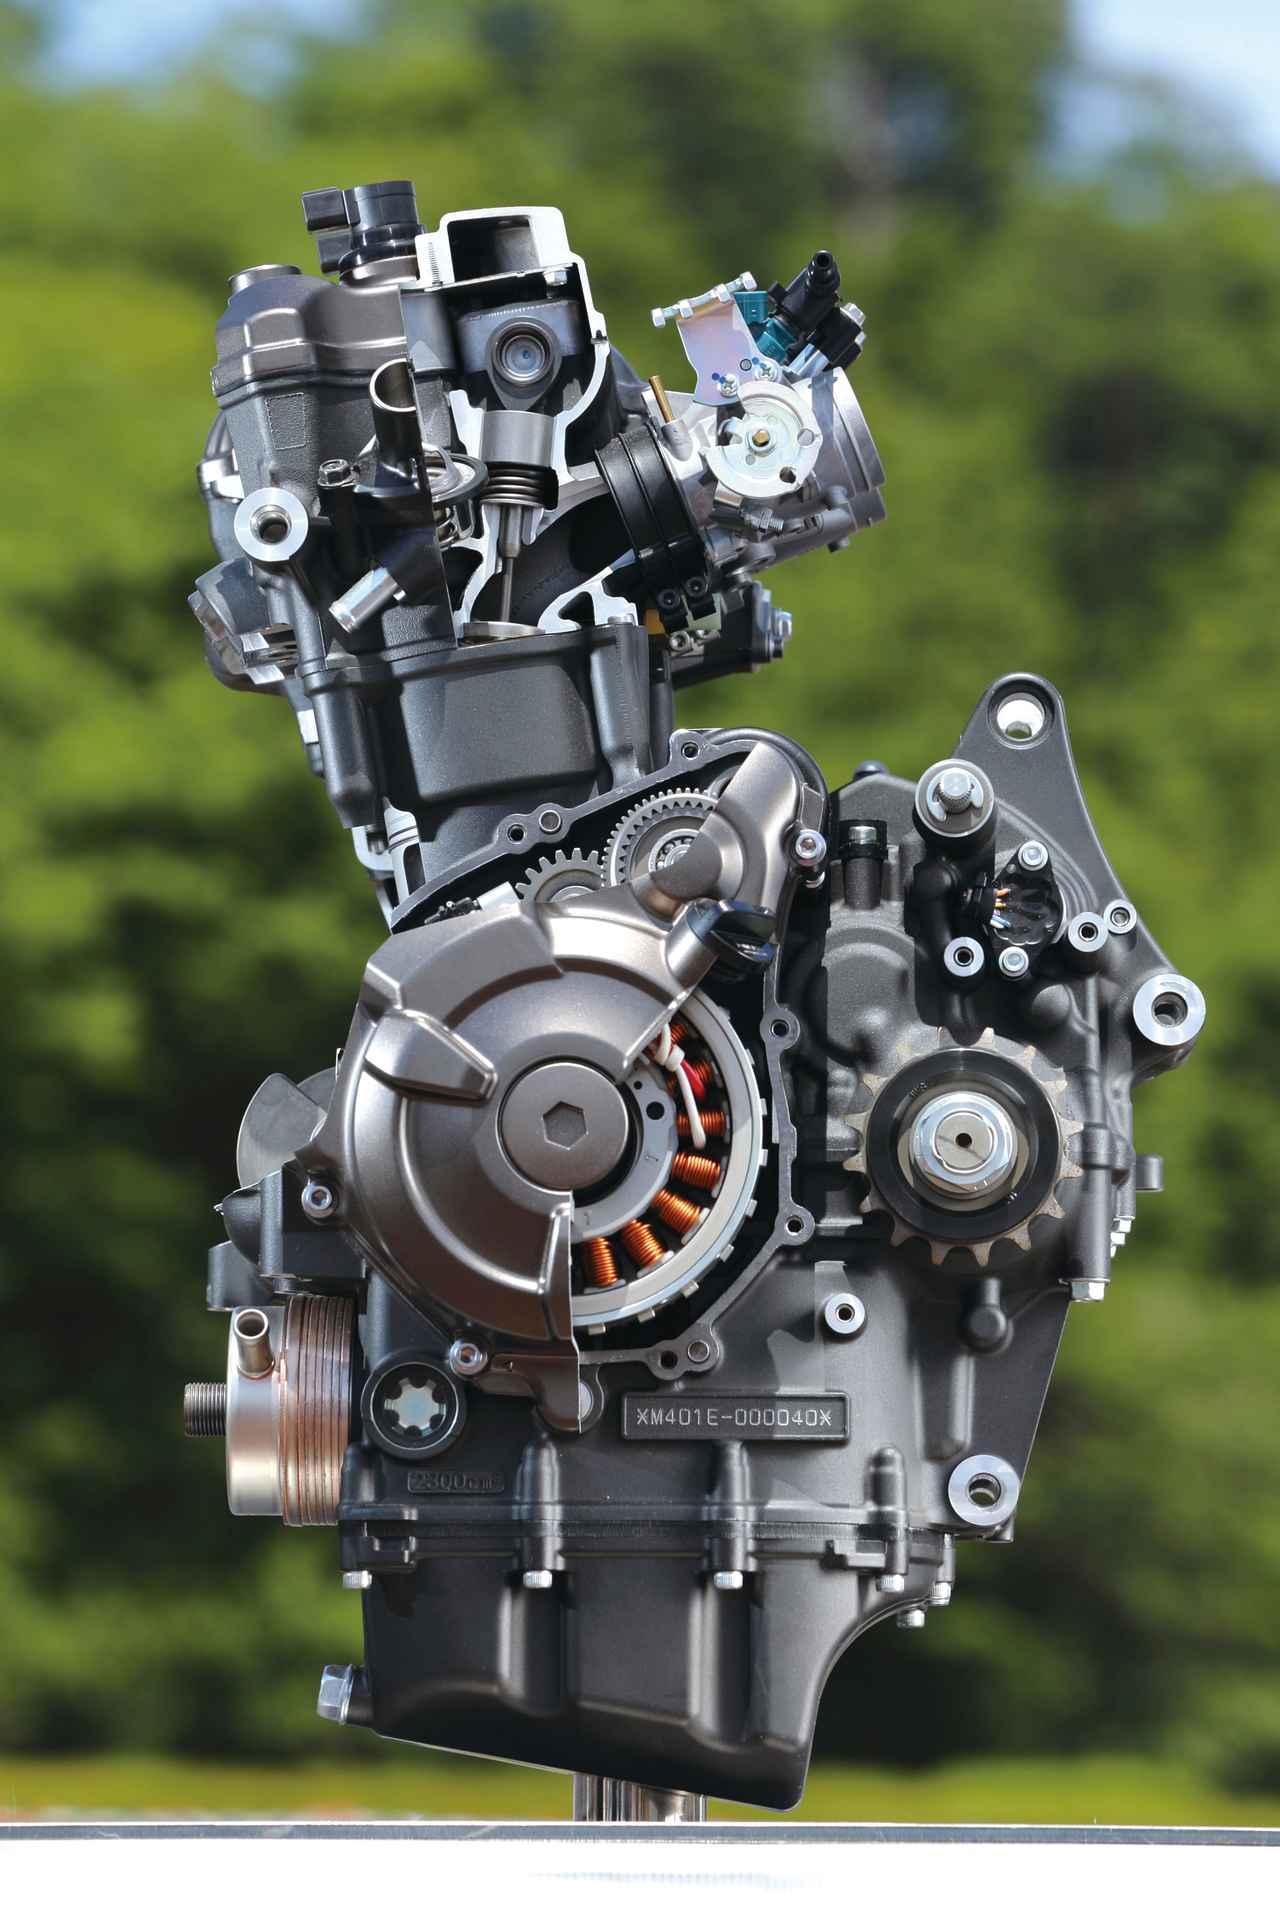 Images : 2番目の画像 - 「スリムなボディにトルキーなエンジン走りを磨き抜いた痛快ミドル!『YAMAHA MT-07 / MT-09』#試乗インプレ(2014年)」のアルバム - webオートバイ